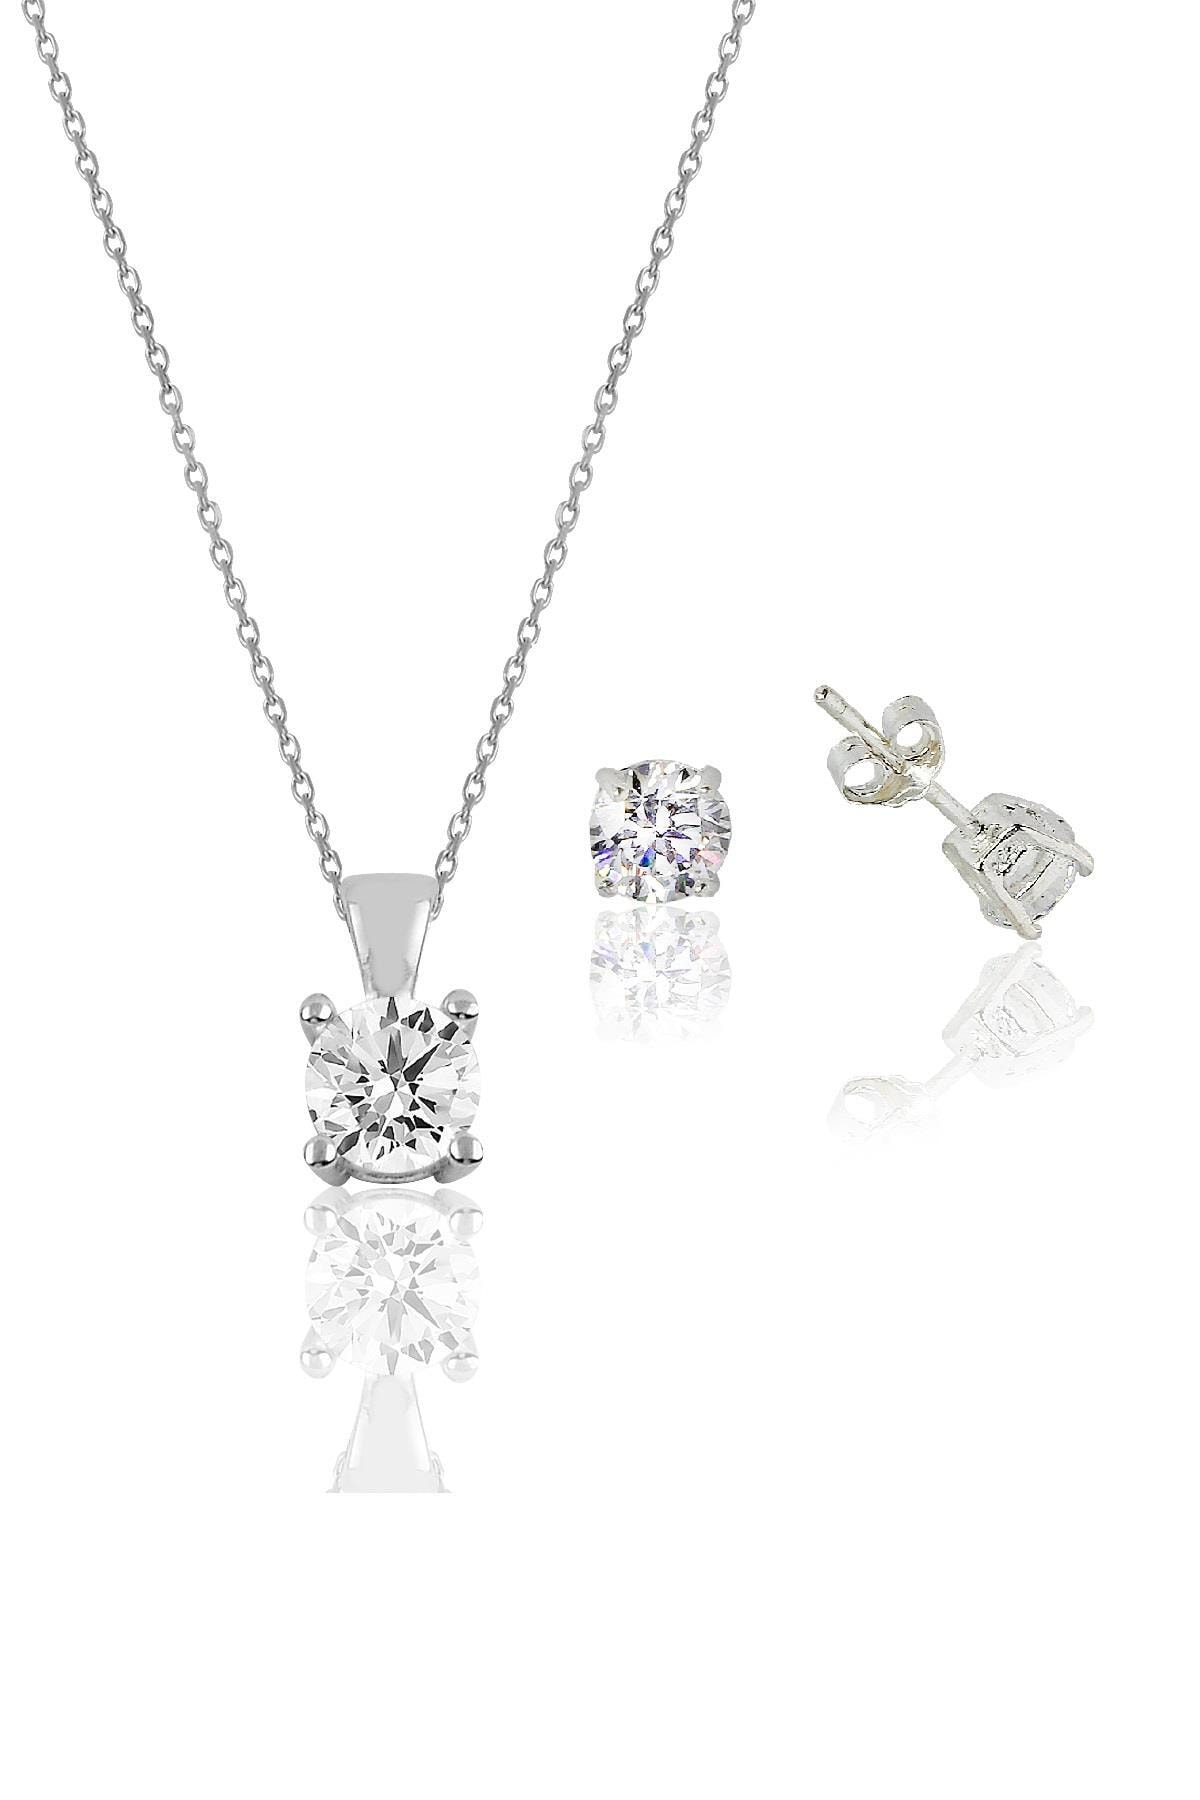 Söğütlü Silver Gümüş rodyumlu tek taş kolye ve küpe gümüş set